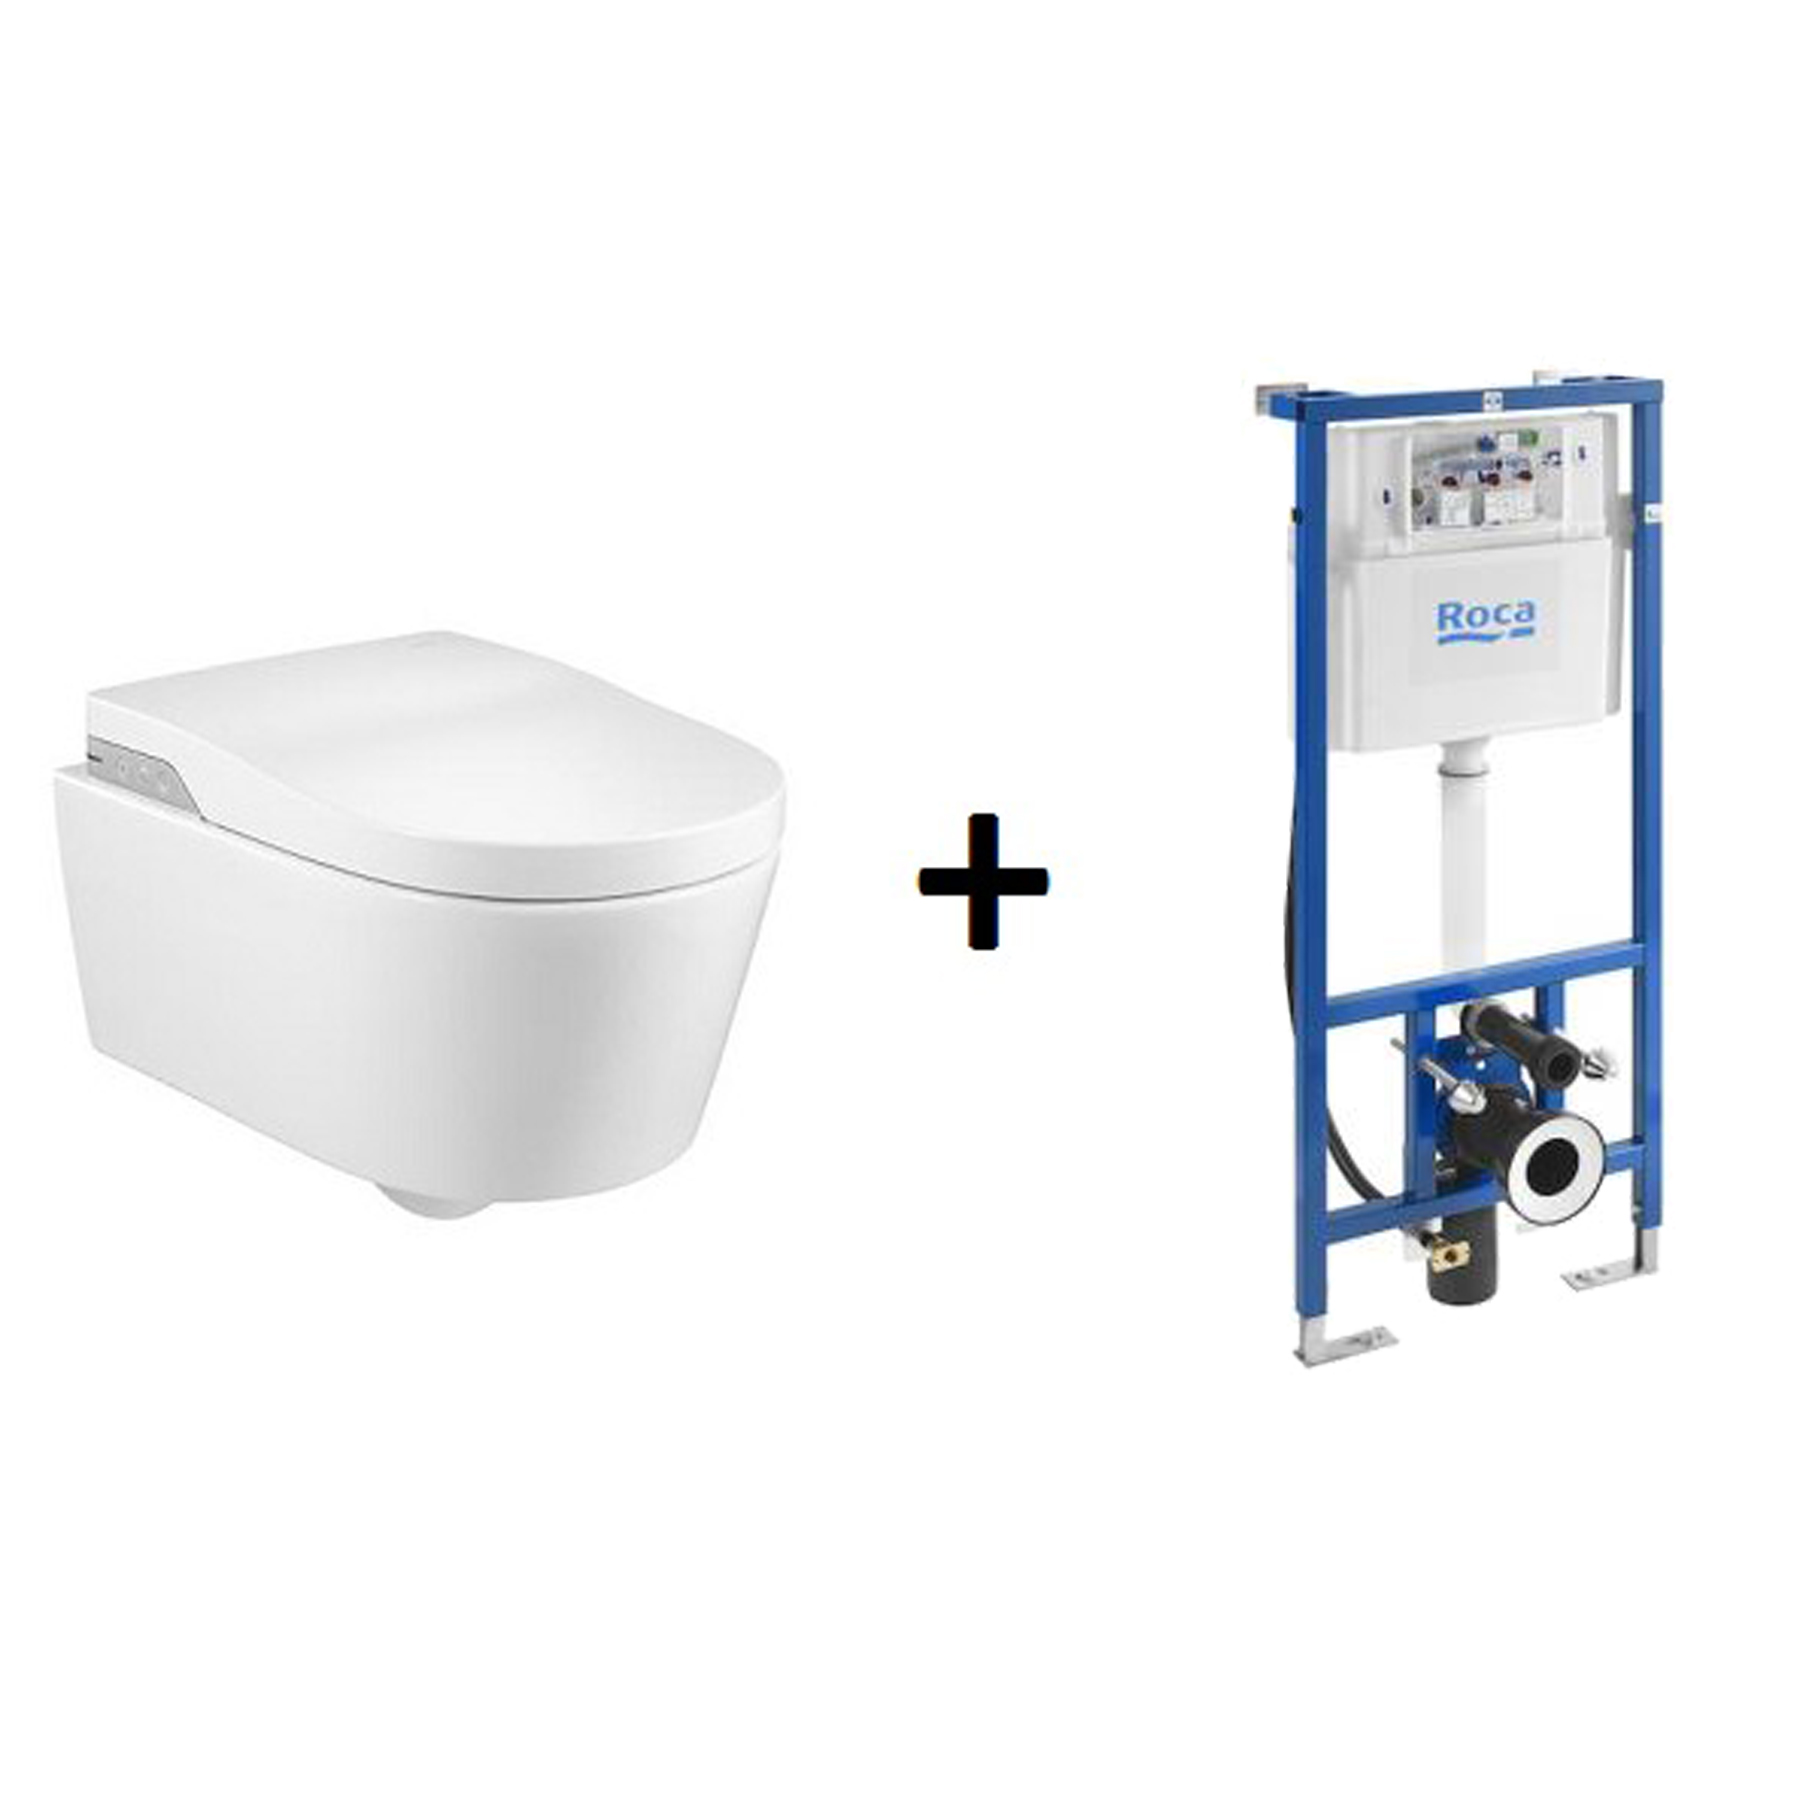 Toaleta myjąca podwieszana Roca Inspira Rimless, zasilanie 230V A803060001 + stelaż DUPLO SMART WC A890090800